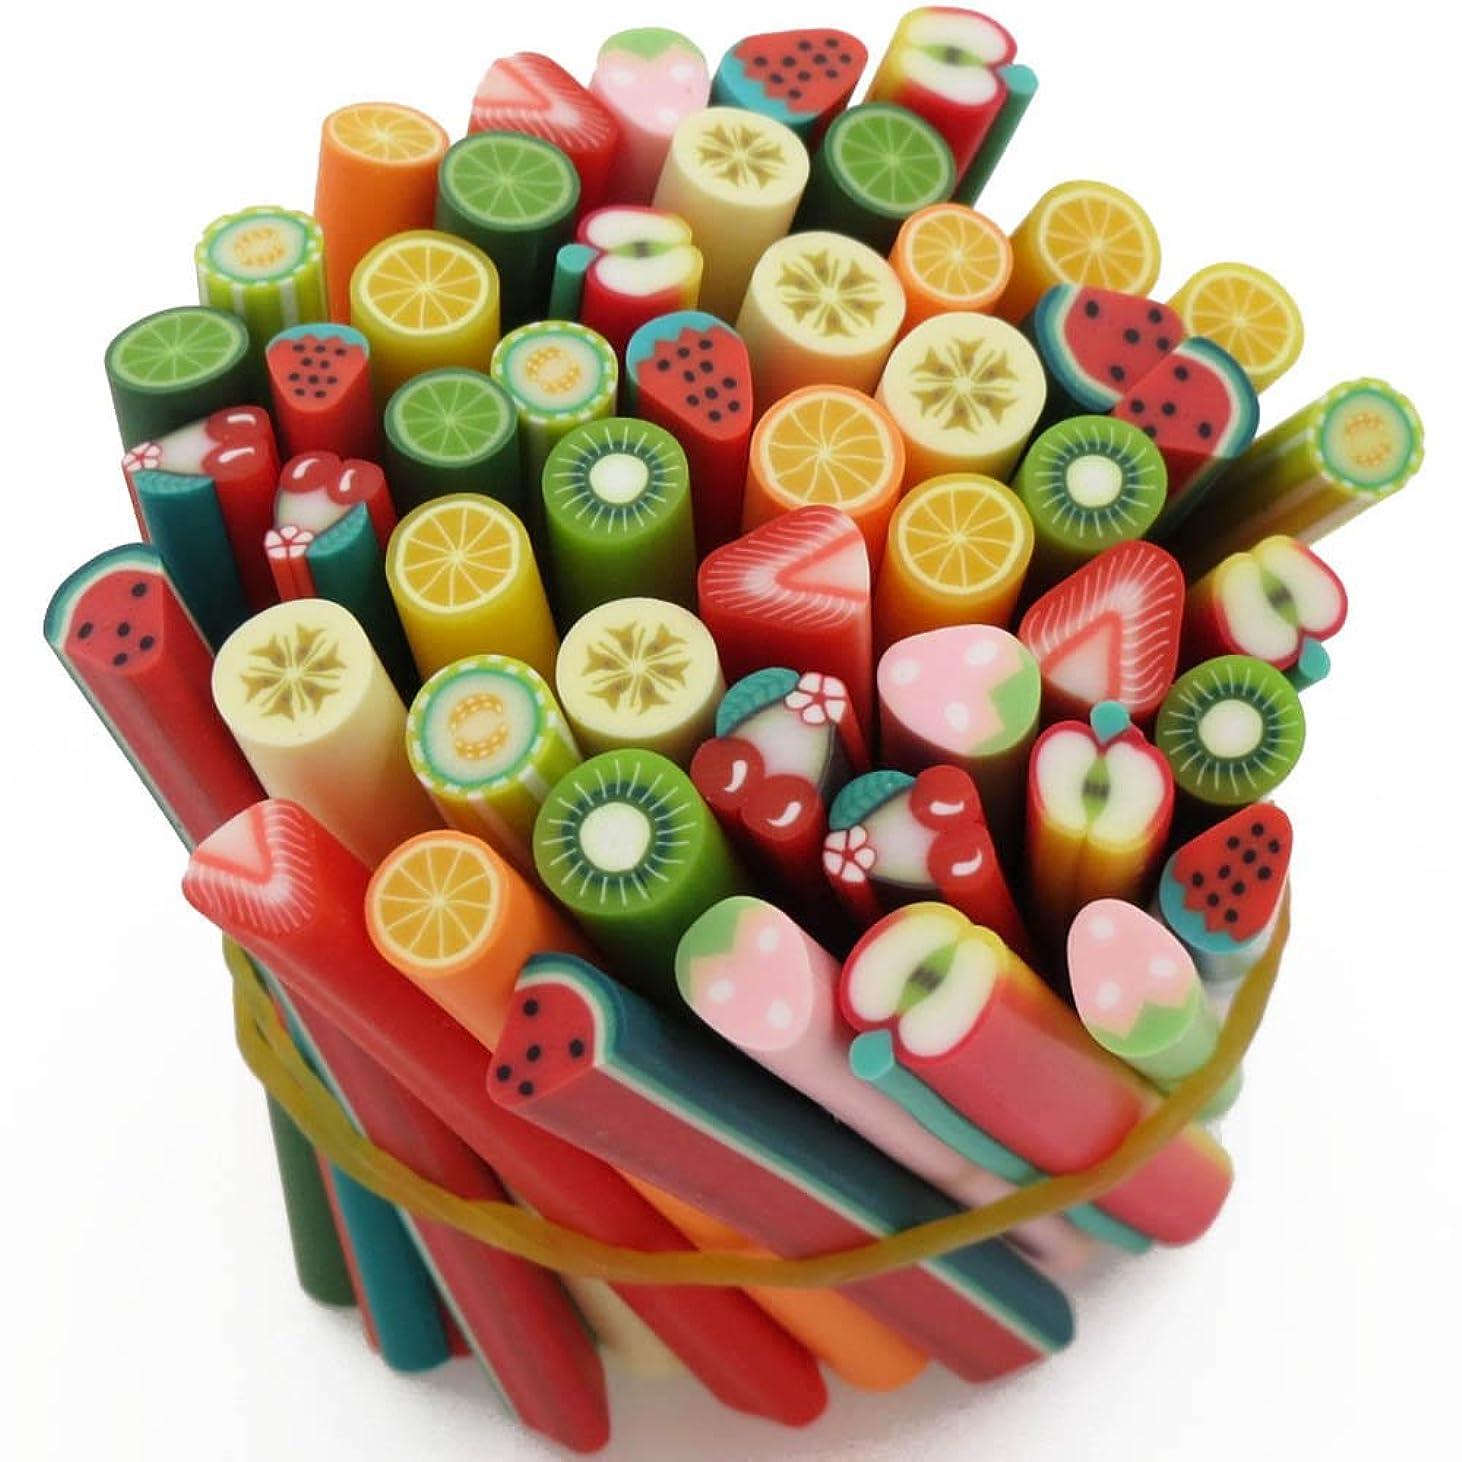 印象的な主流成長するスライス棒 人気フルーツ棒 12種類限定 約50本セット